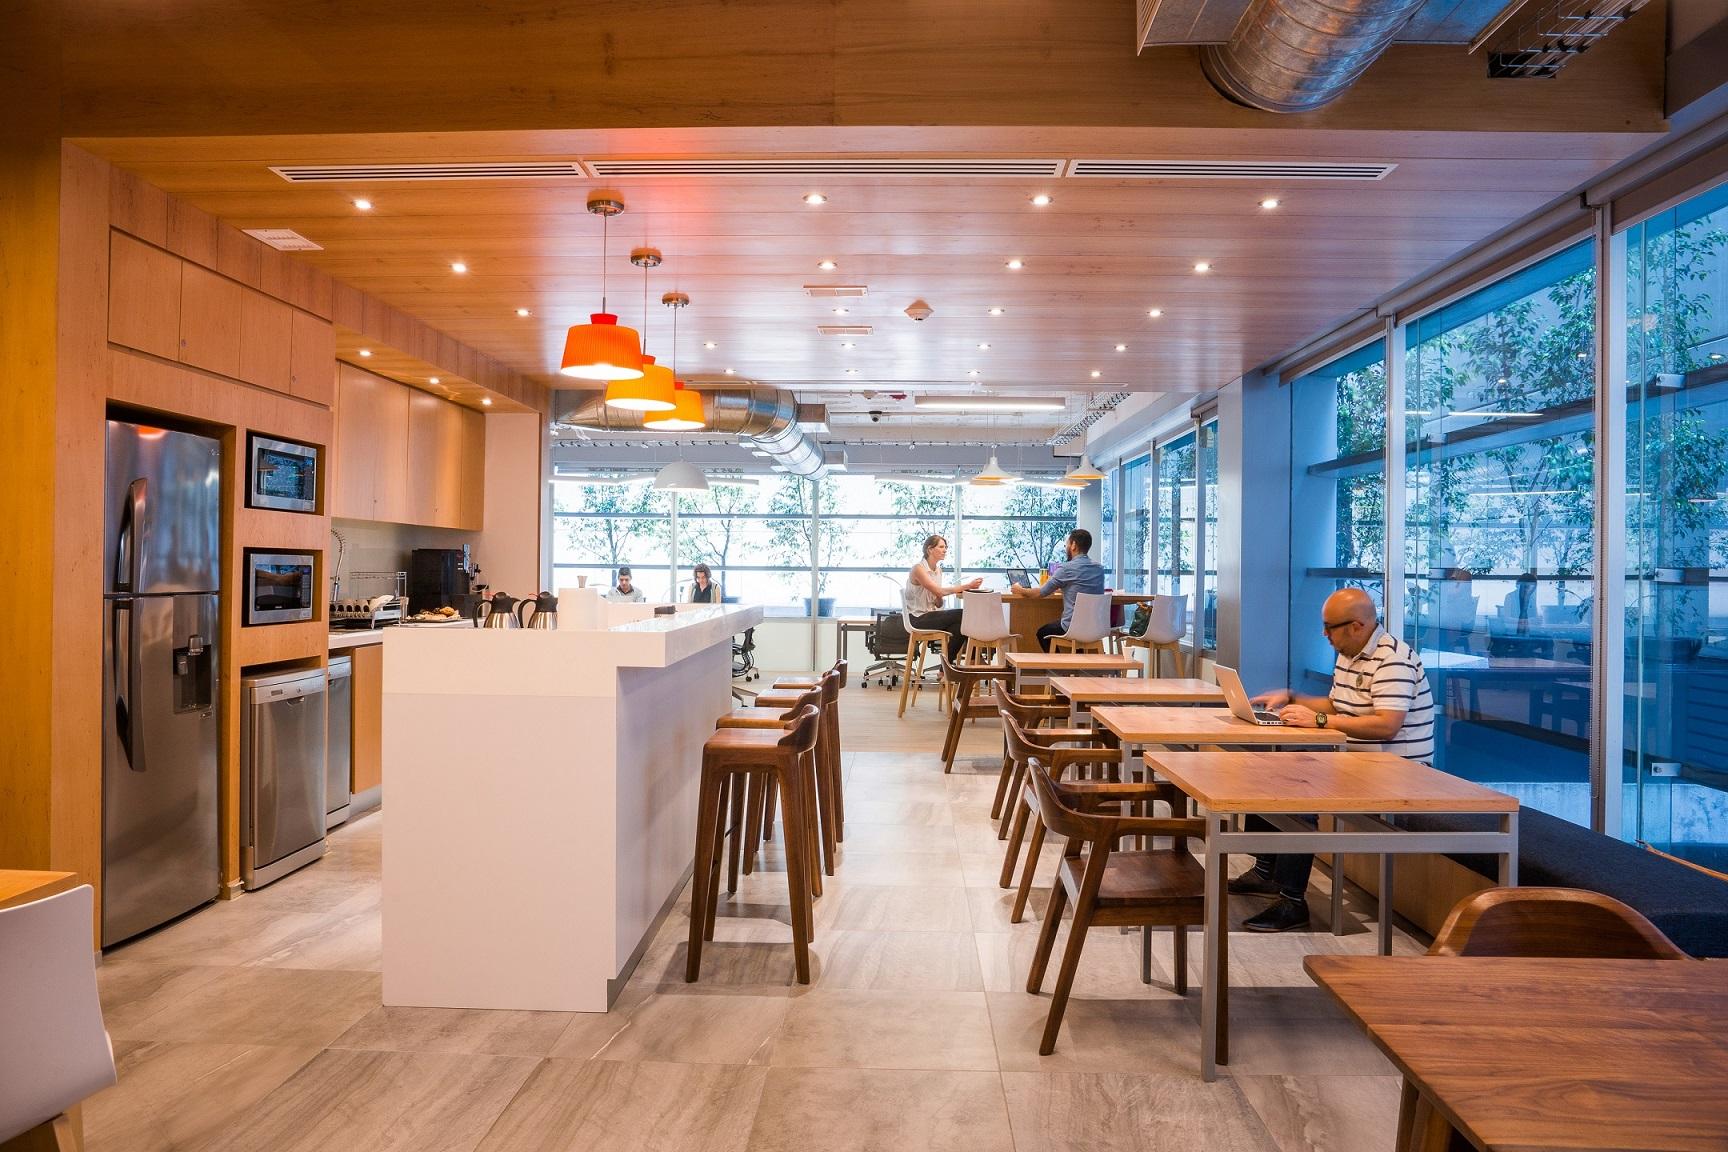 Nuevo espacio de oficinas colaborativas inaugura en lima for Ono oficinas